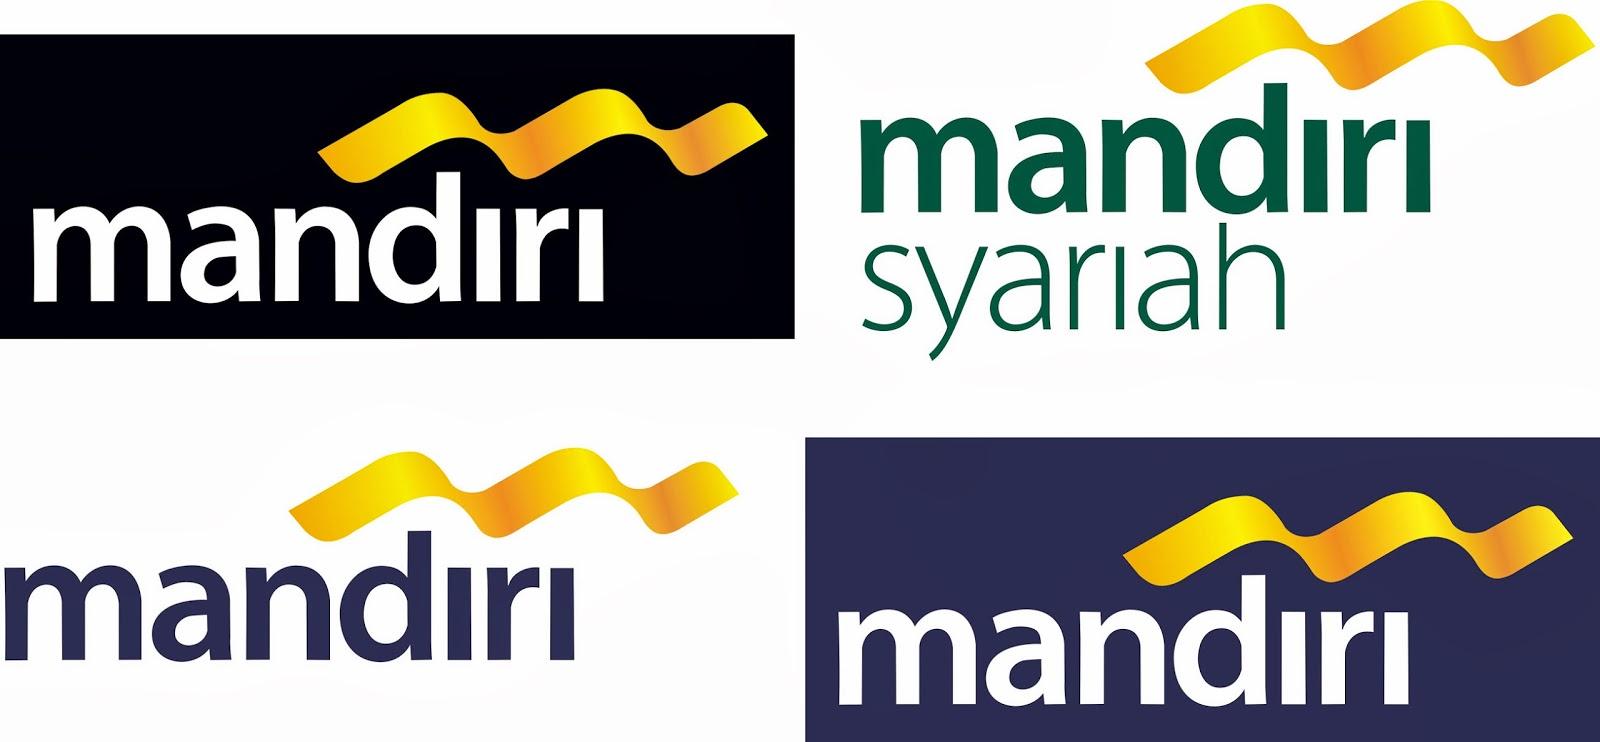 logo bank mandiri banckground biru berikut tampilan keempat logo